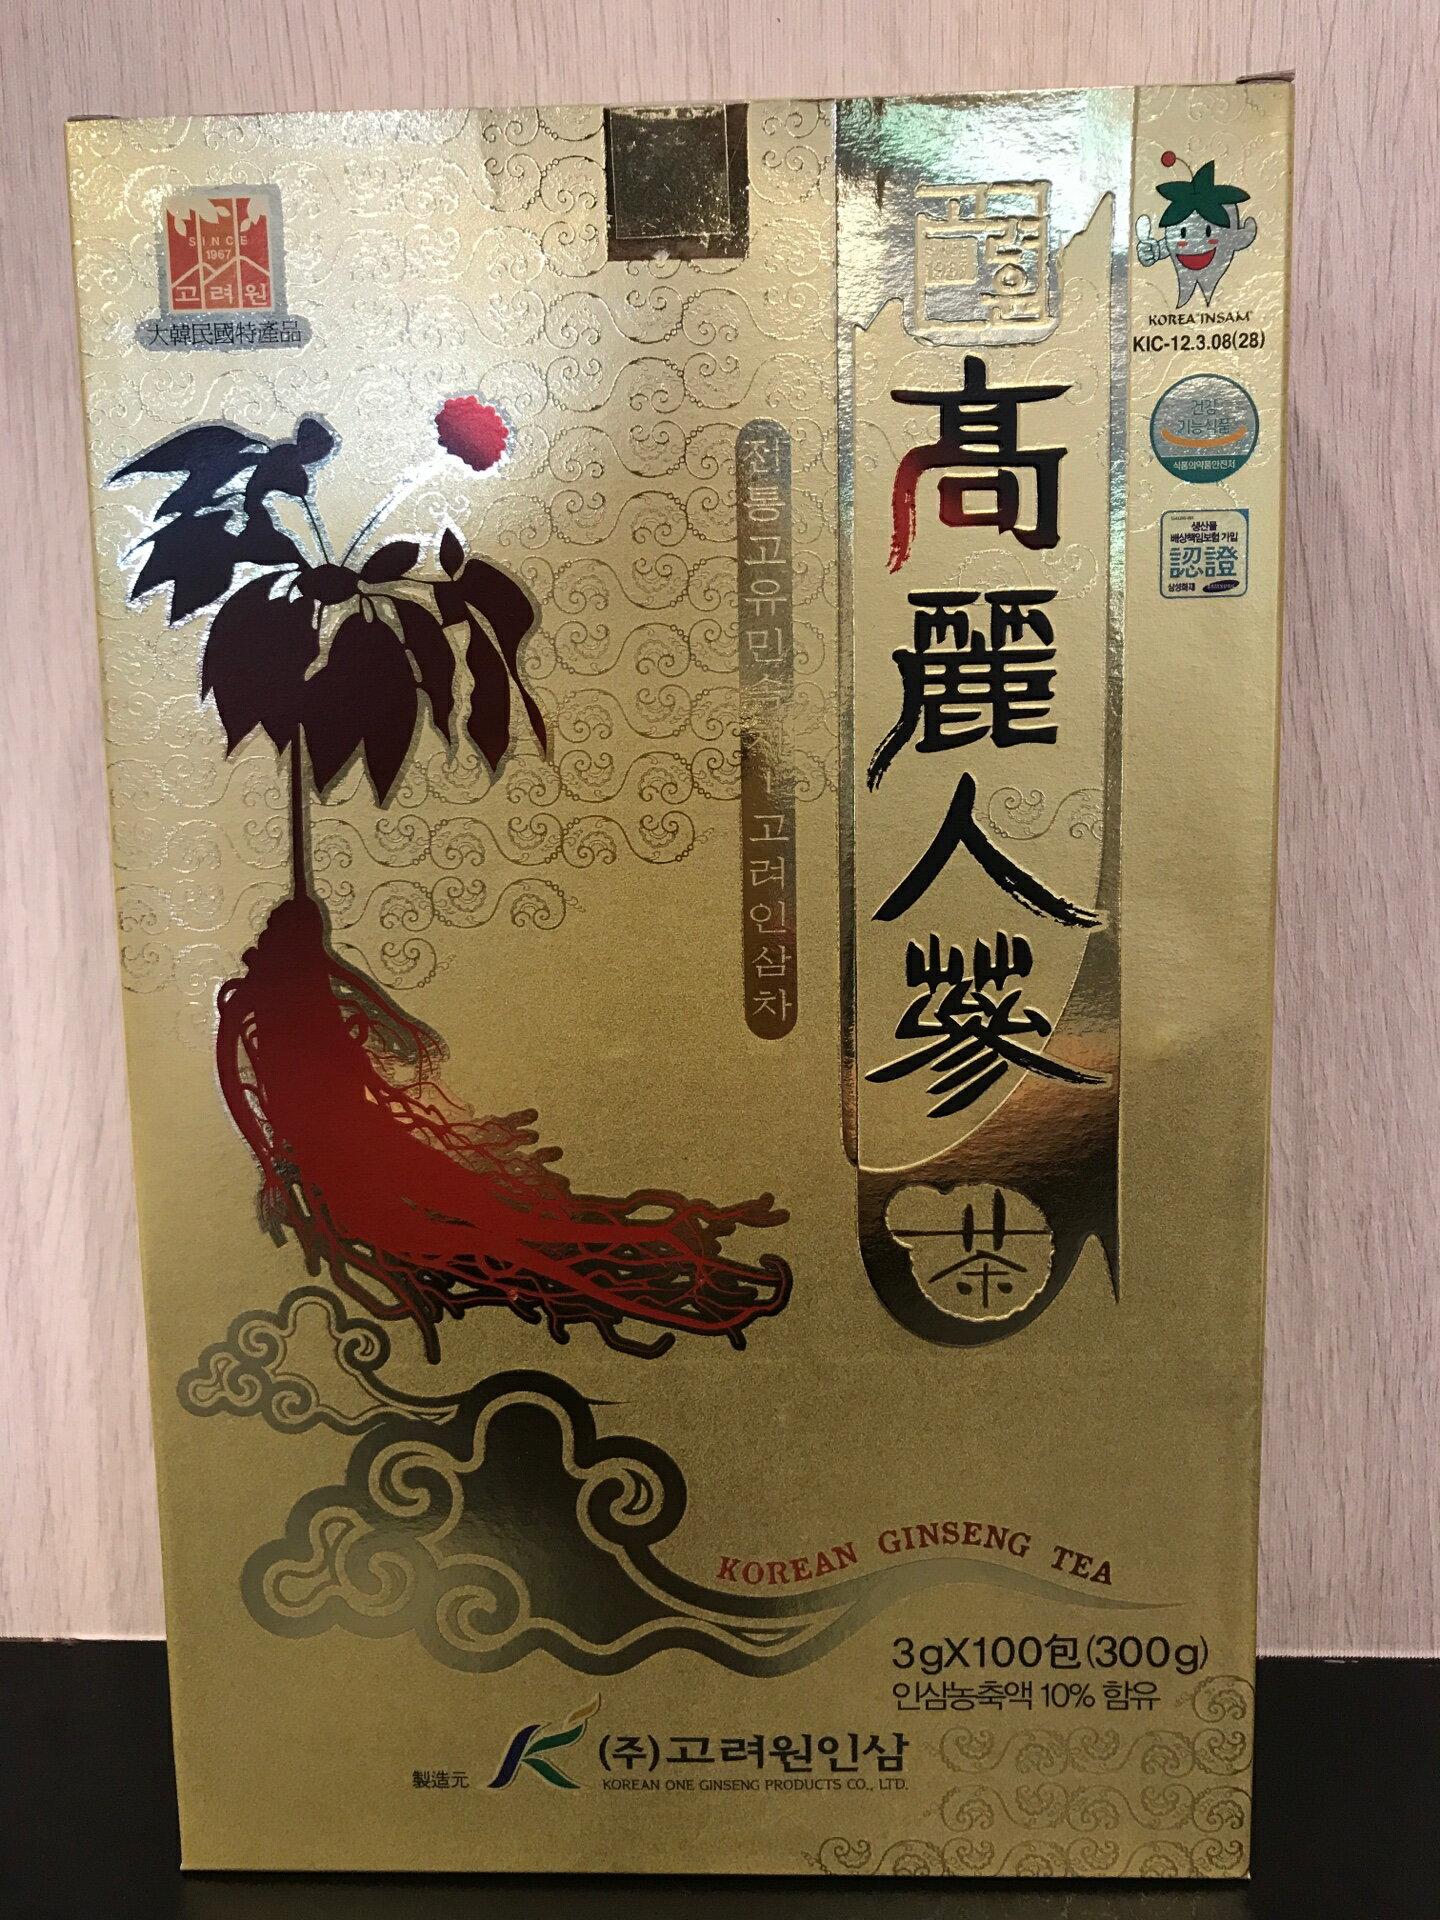 韓國 頂級 高麗人蔘茶粉 300g